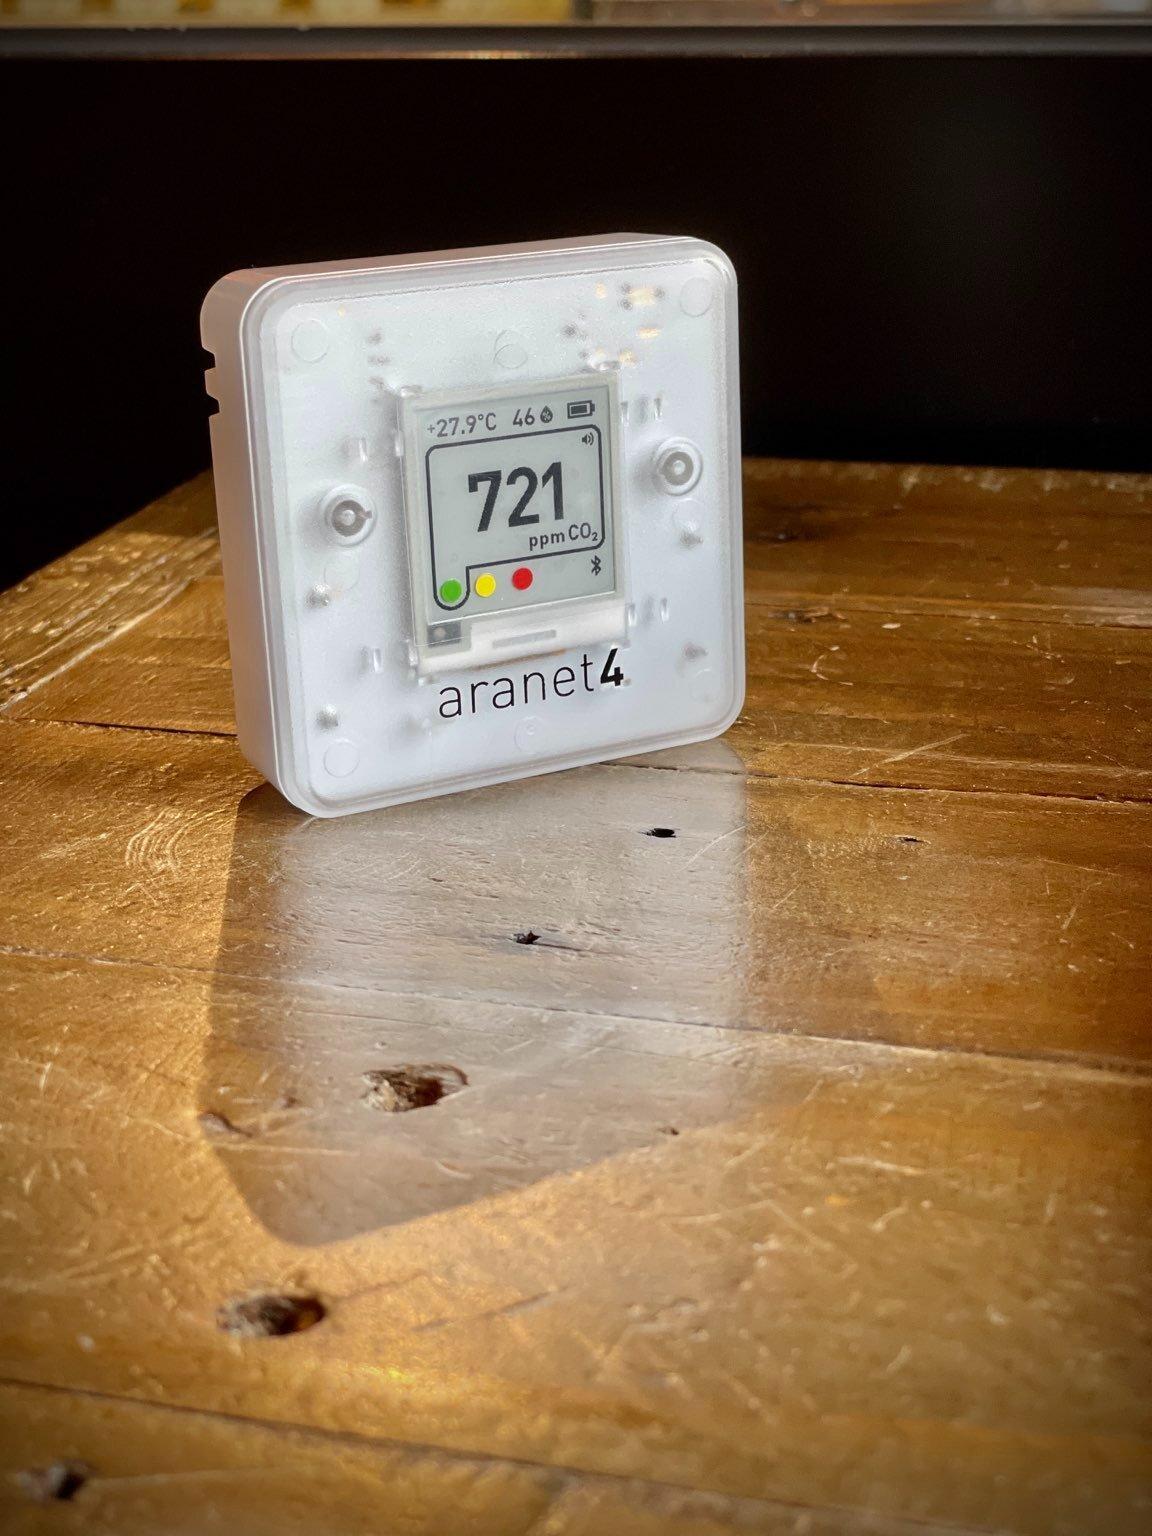 二氧化碳監測器 Aranet 4 空氣質素